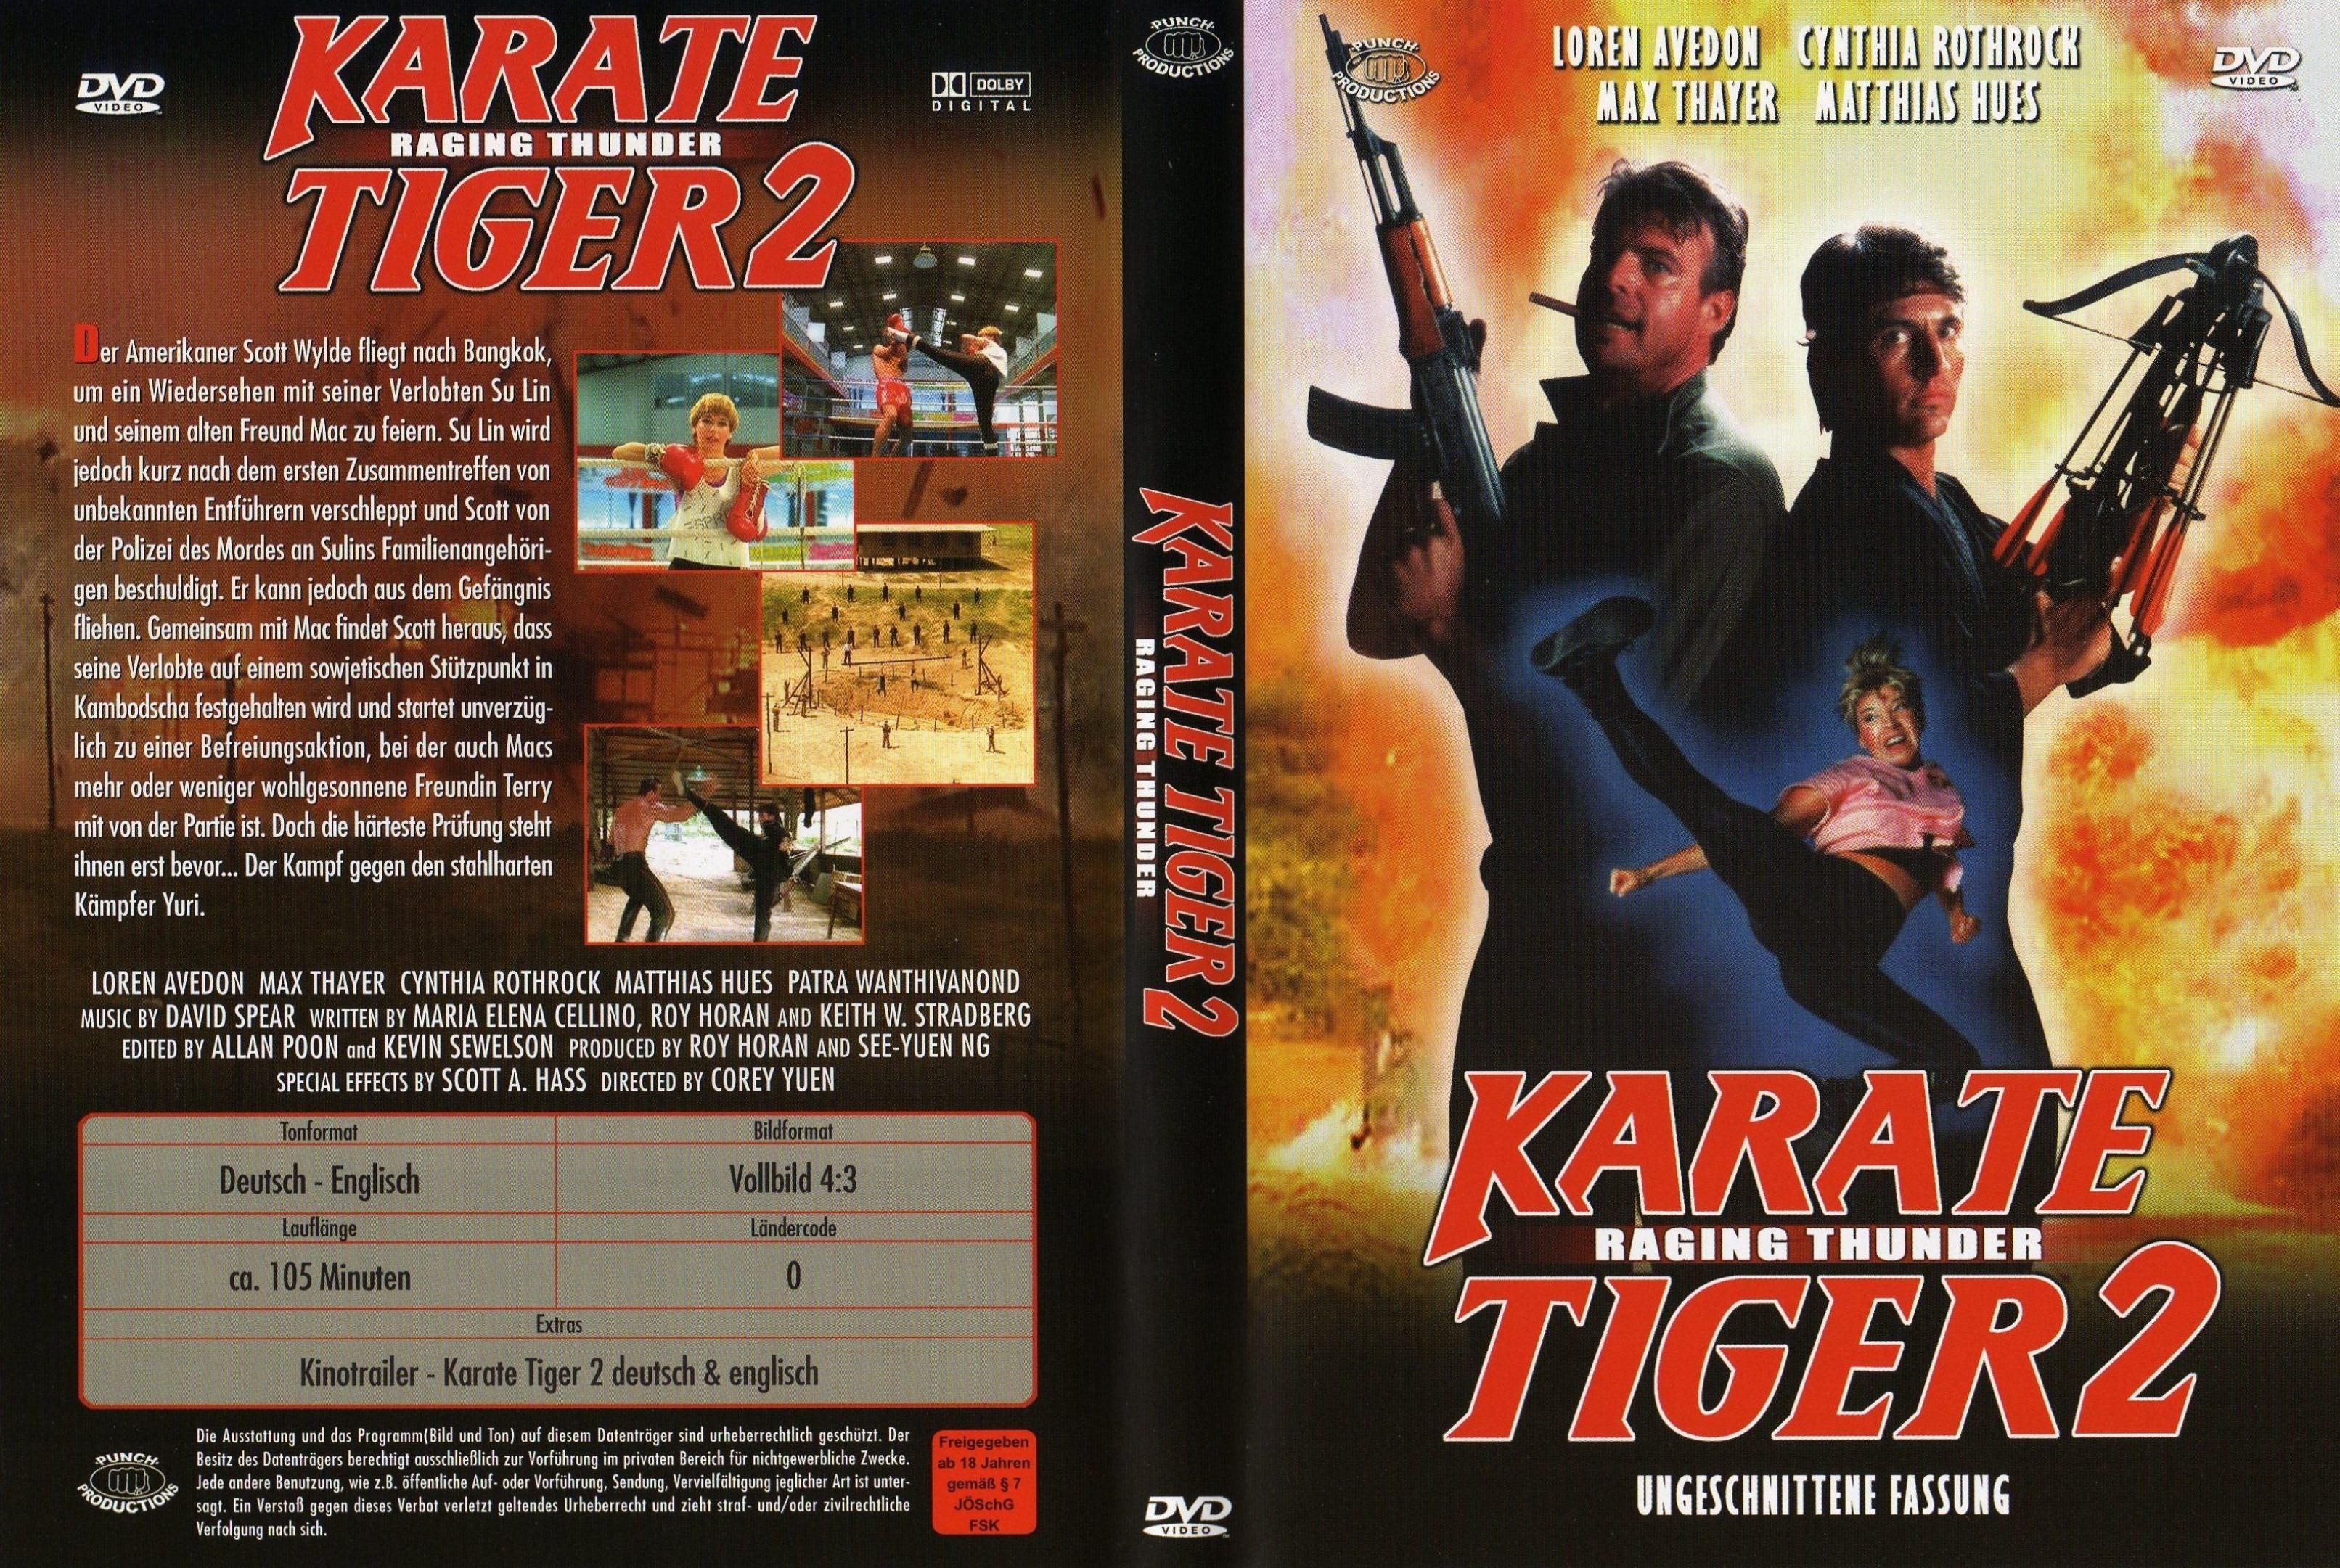 action karate tiger 2 1988 german dl ac3 dvd5 untouched dvd5. Black Bedroom Furniture Sets. Home Design Ideas